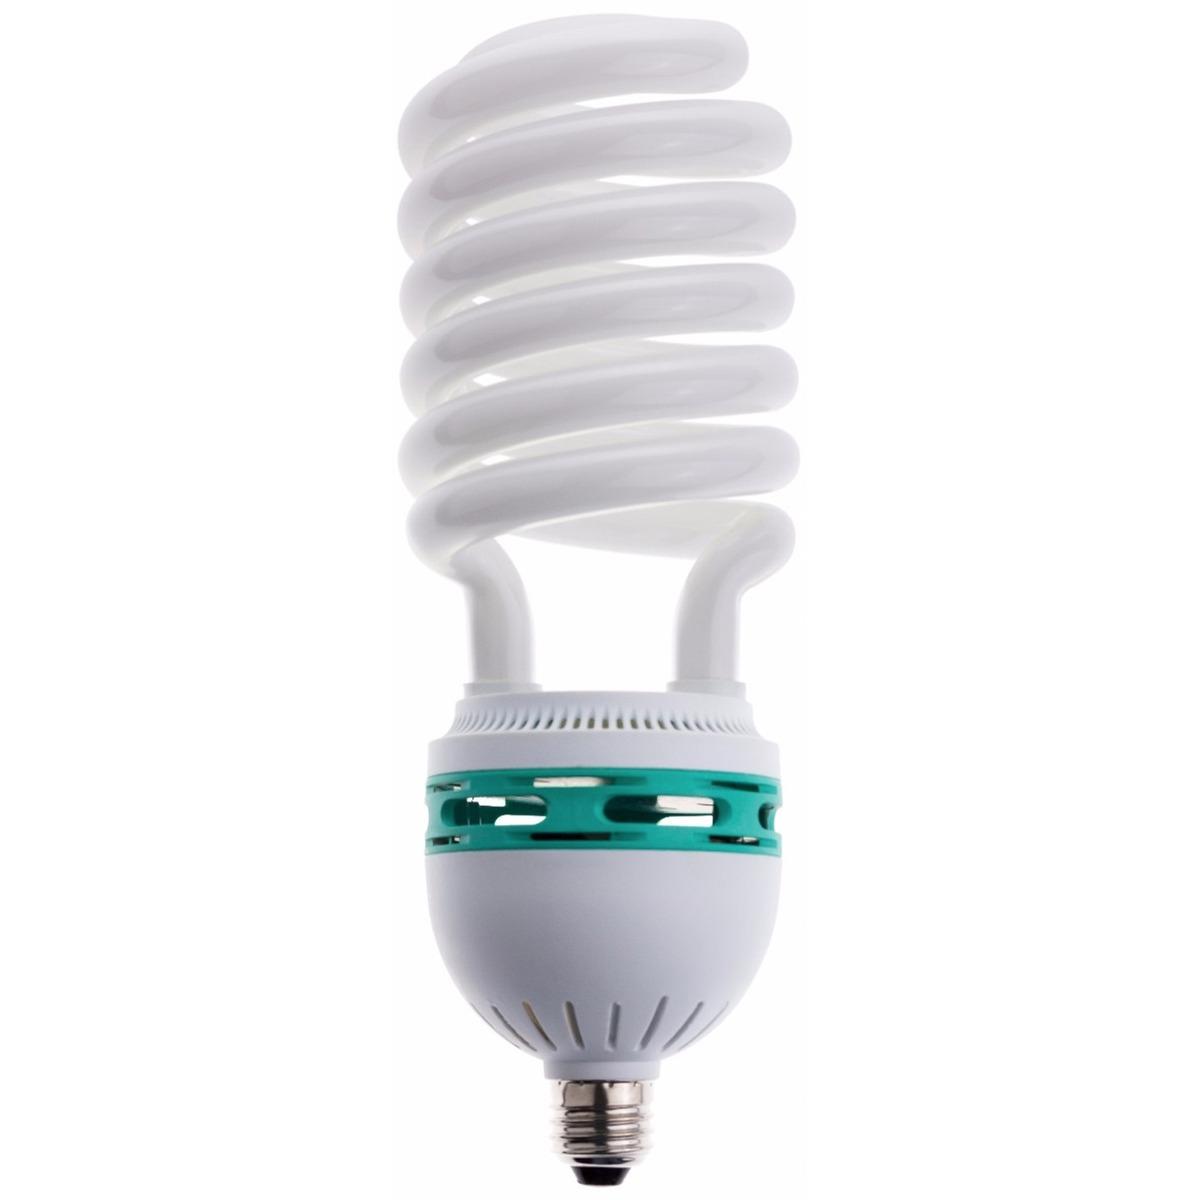 Foco ahorrador tipo espiral 135 w luz de dia e 27 b42565 en mercado libre - Focos led con luces de colores ...